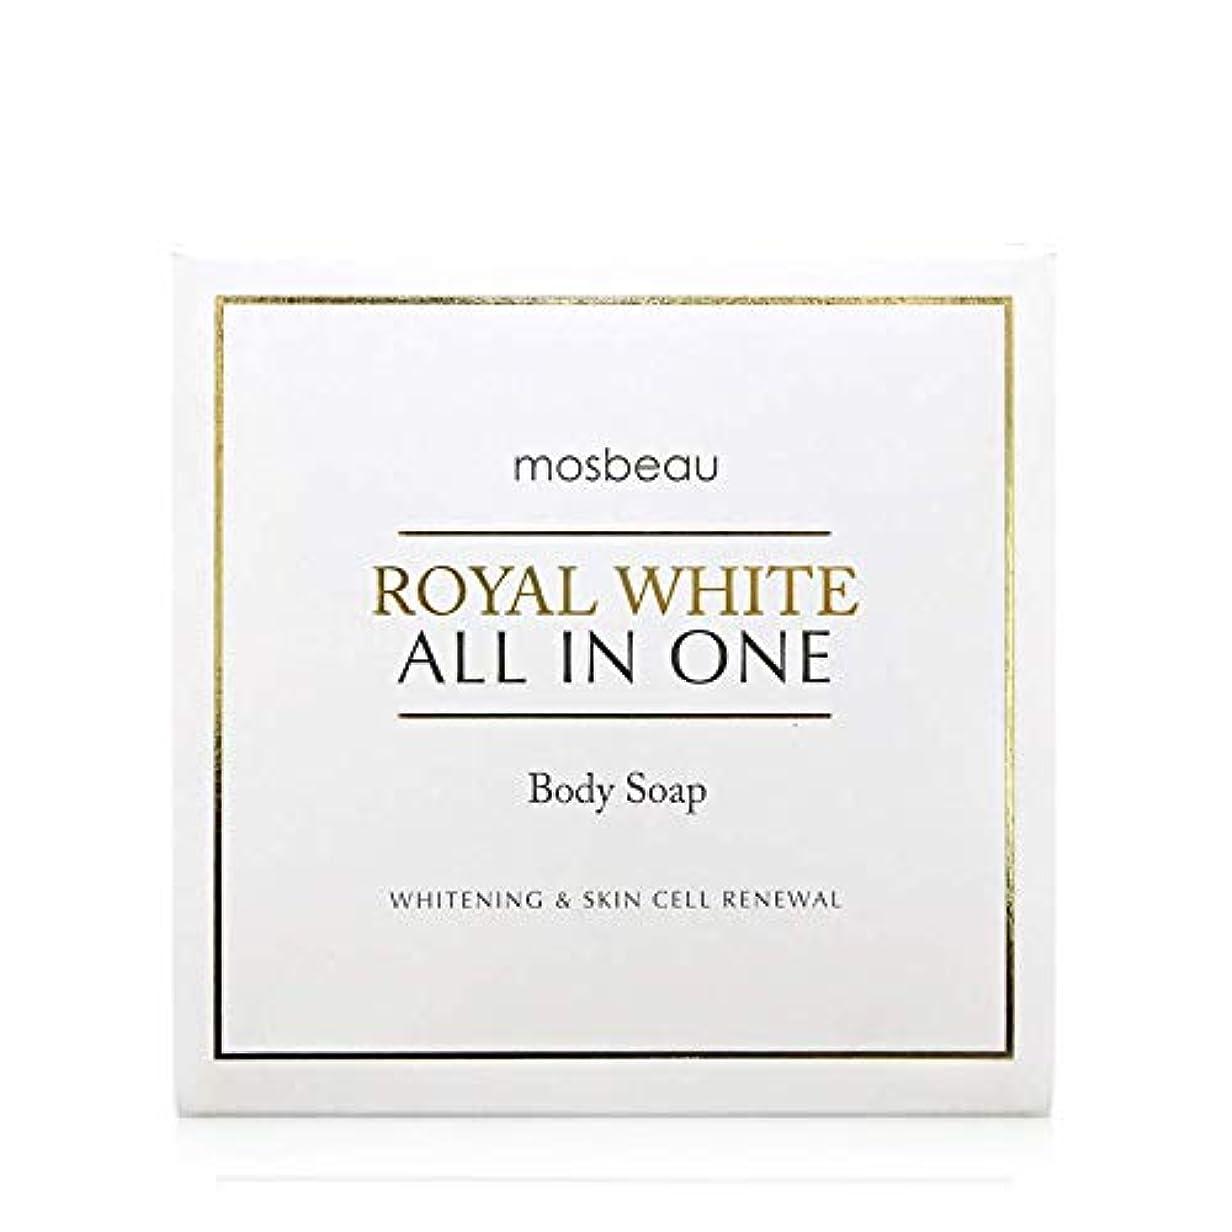 青サッカーワンダーmosbeau ROYAL WHITE ALL-IN-ONE BODY SOAP 100g ロィヤルホワイトオールインワンボディーソープ